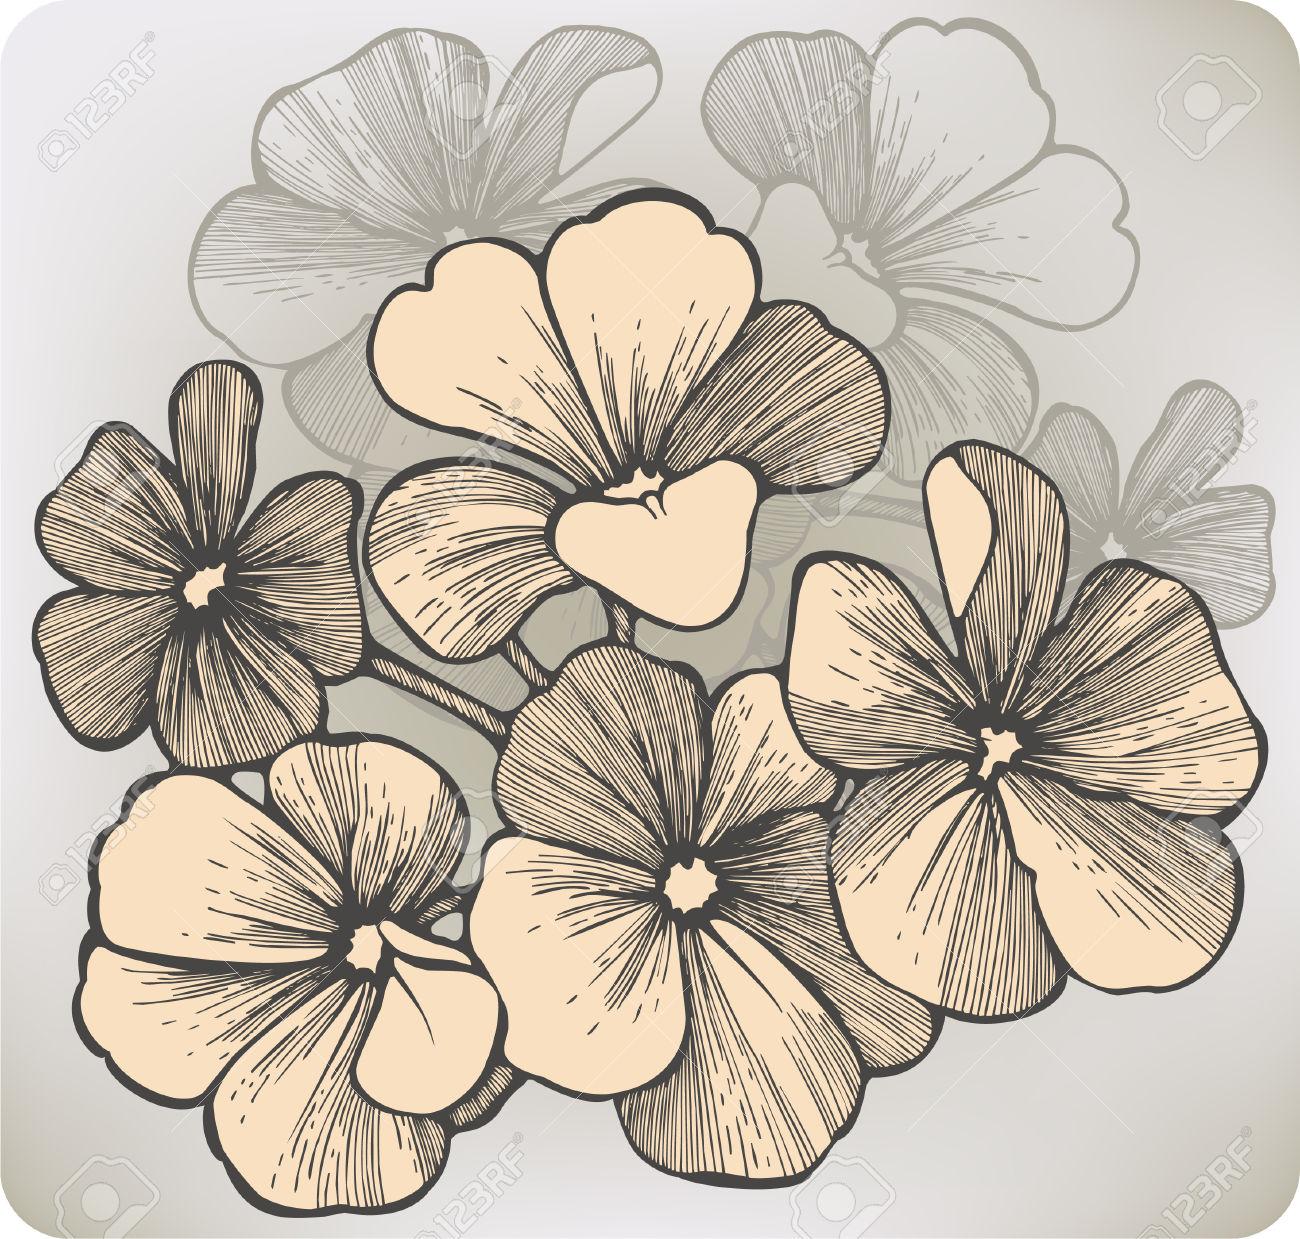 Fiore Di Geranio, Disegno A Mano. Illustrazione Vettoriale.